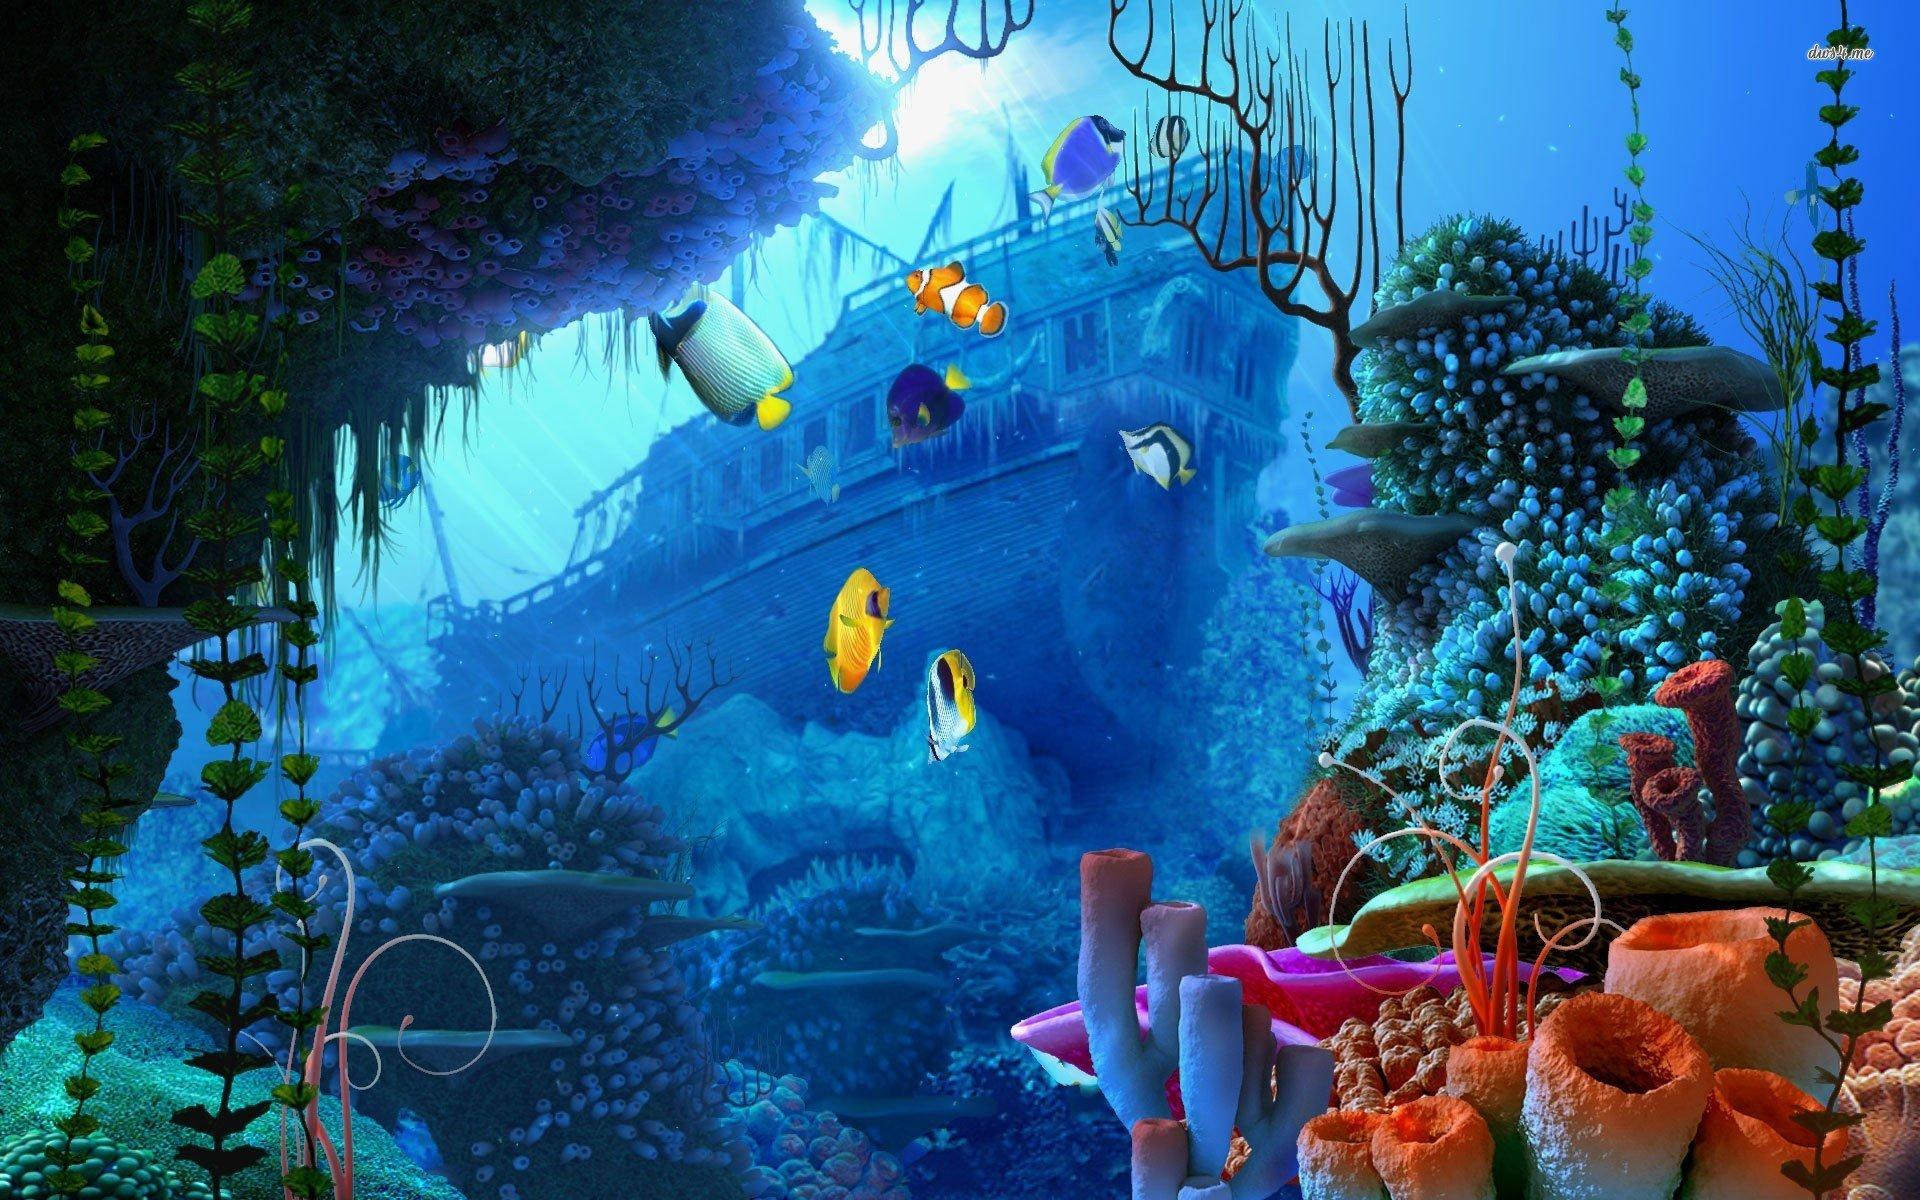 Underwater Scenes Desktop Wallpaper - WallpaperSafari